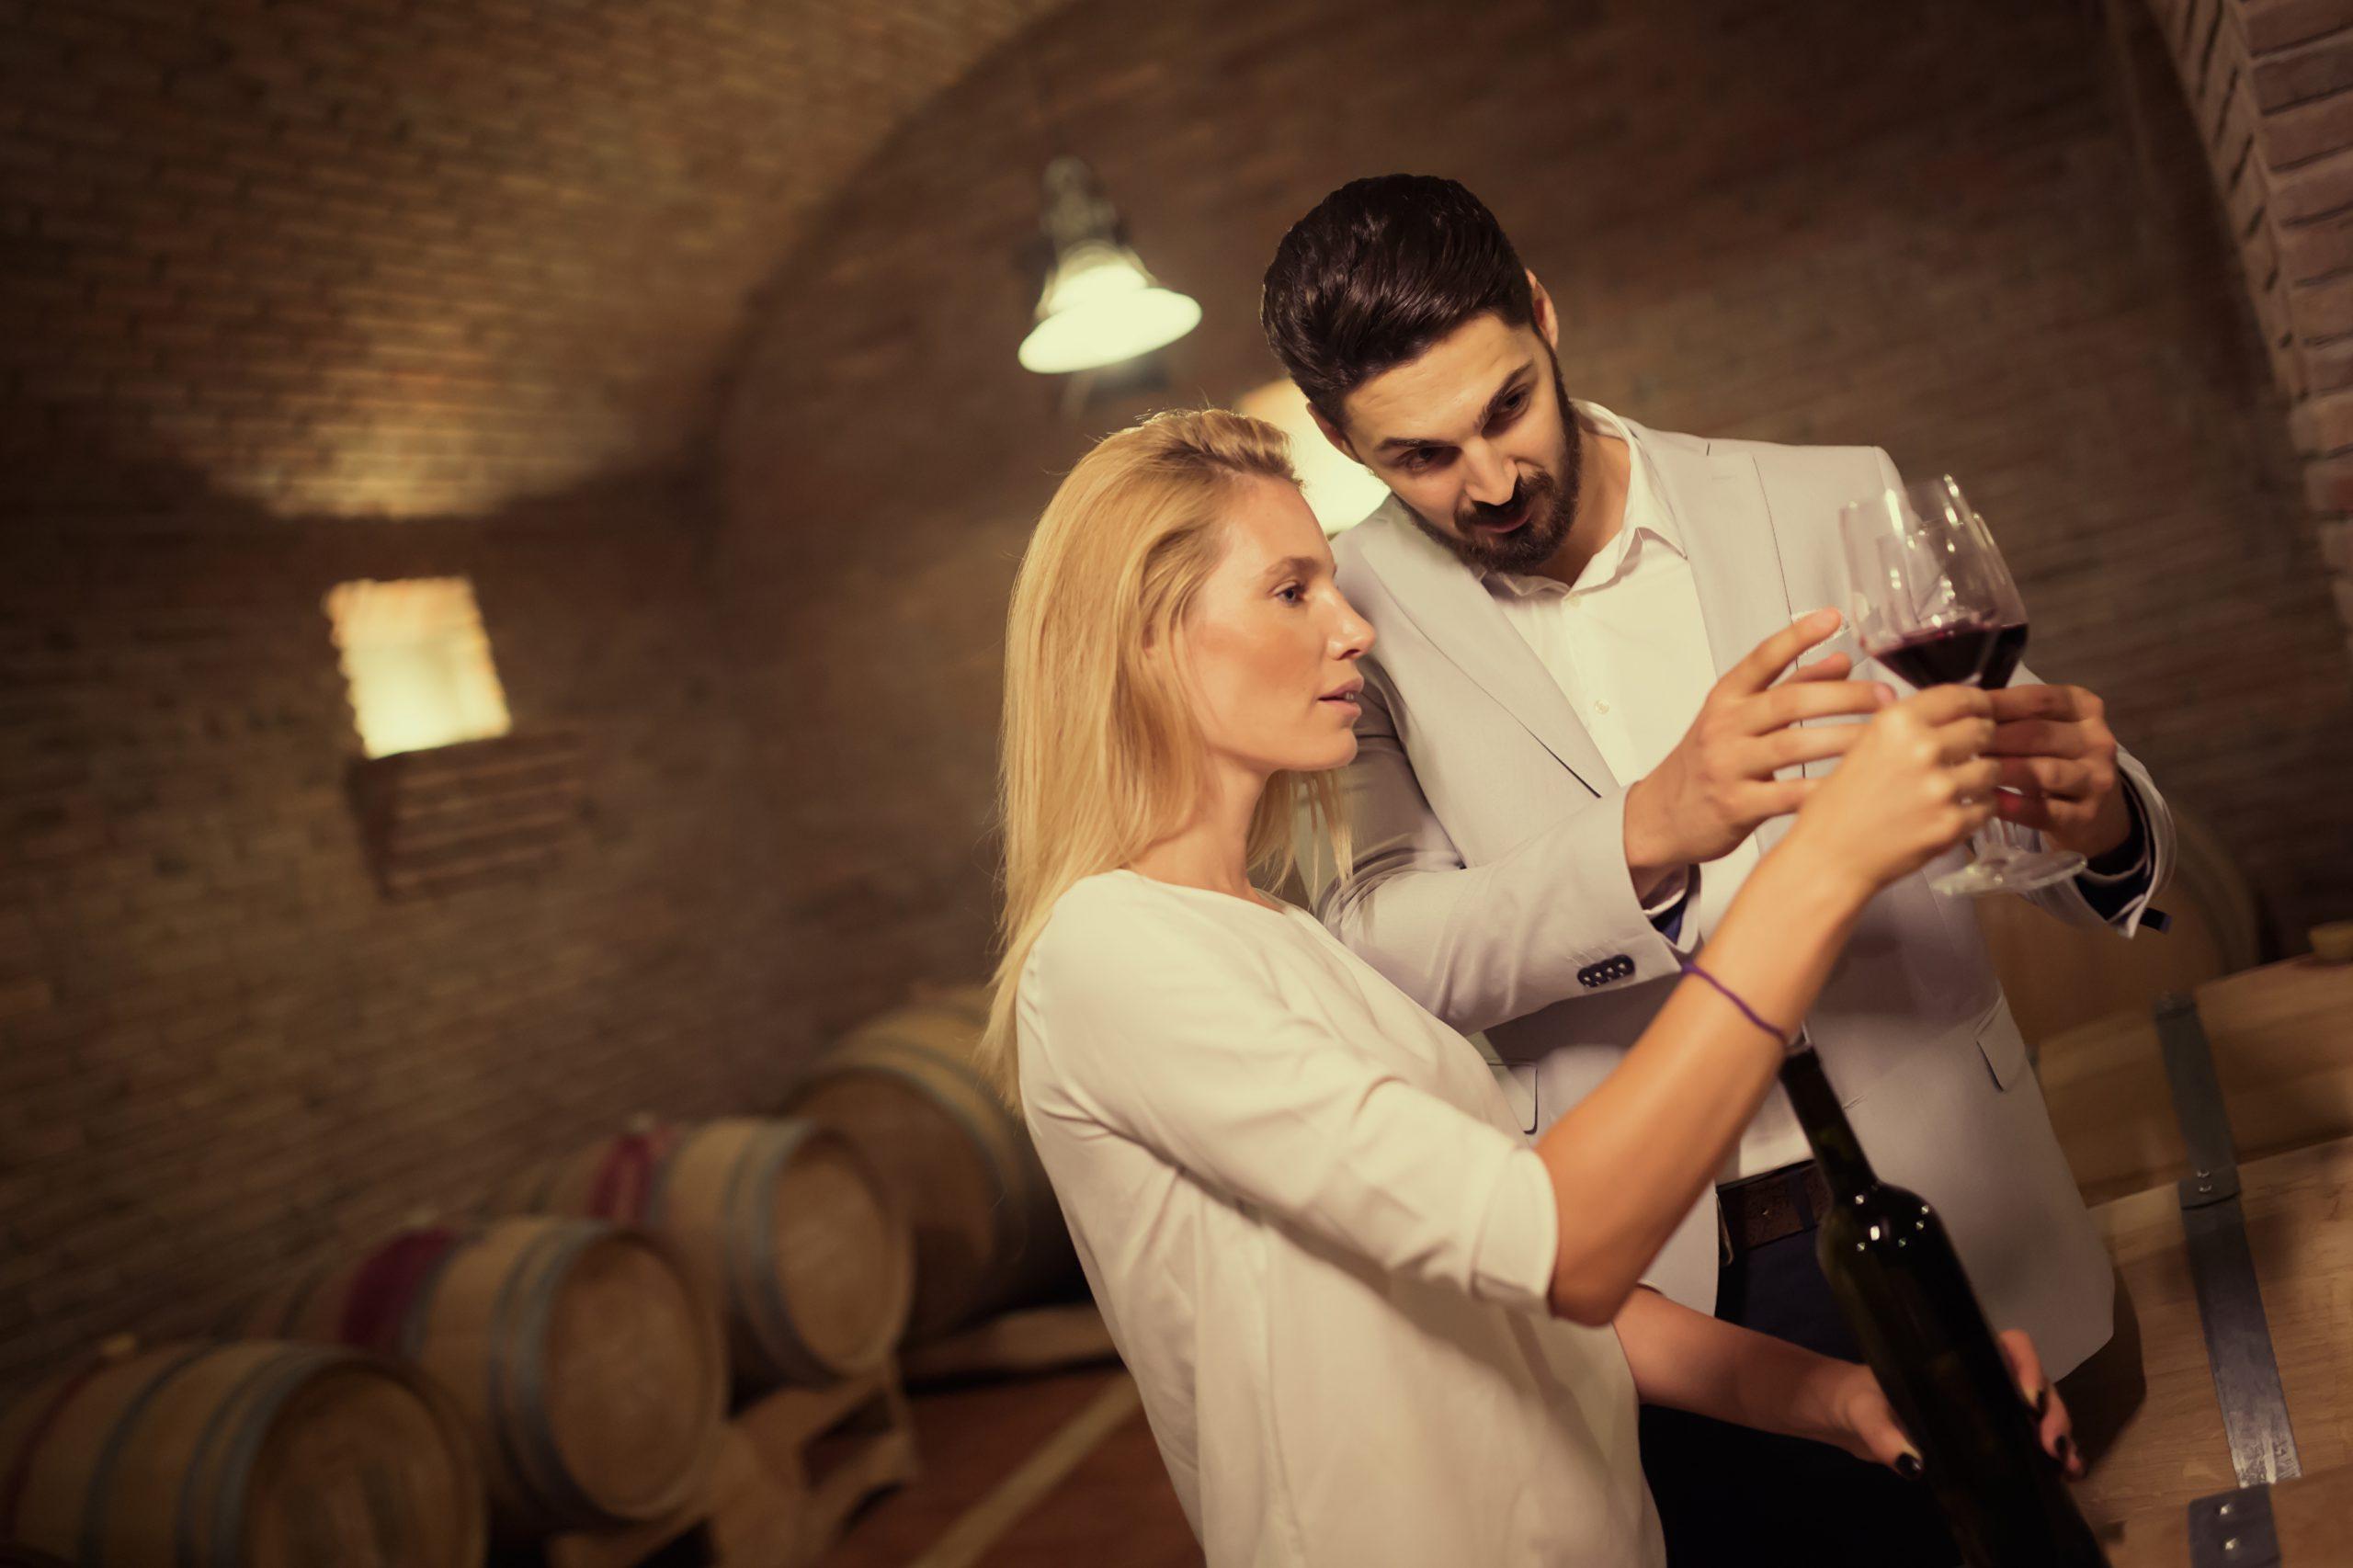 Im Weinkeller, Frau und Mann, Weinverkostung